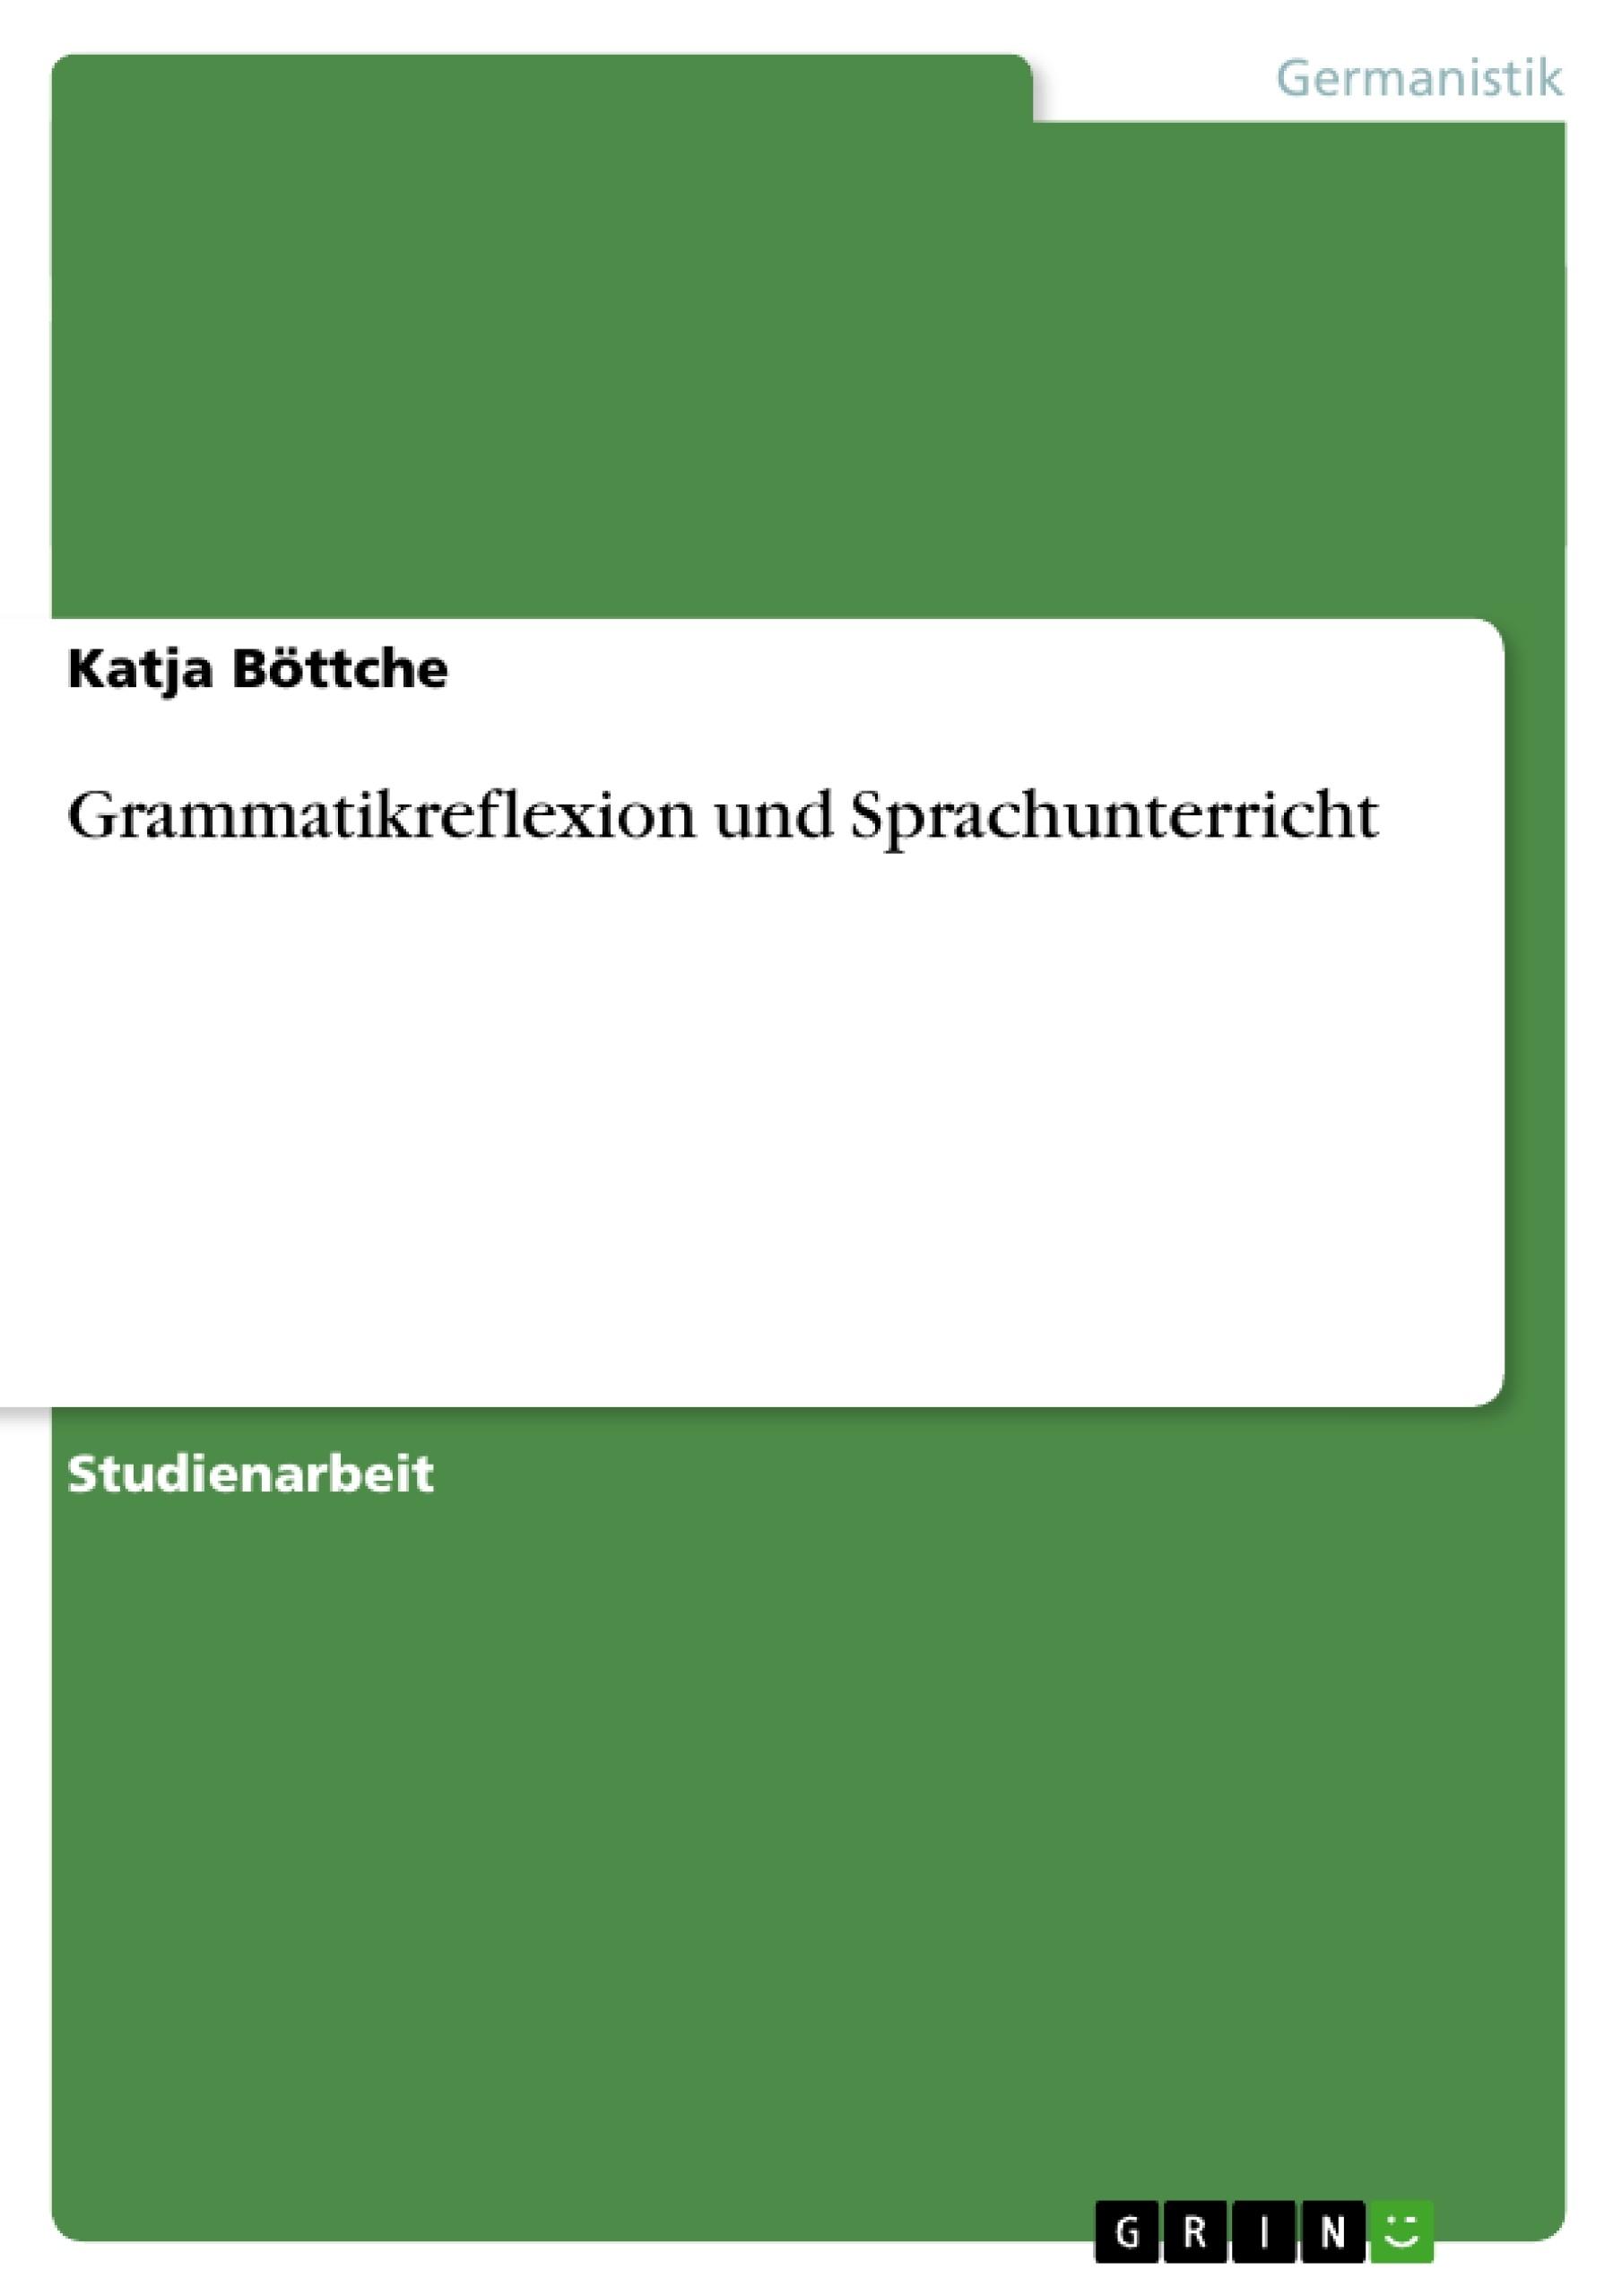 Titel: Grammatikreflexion und Sprachunterricht